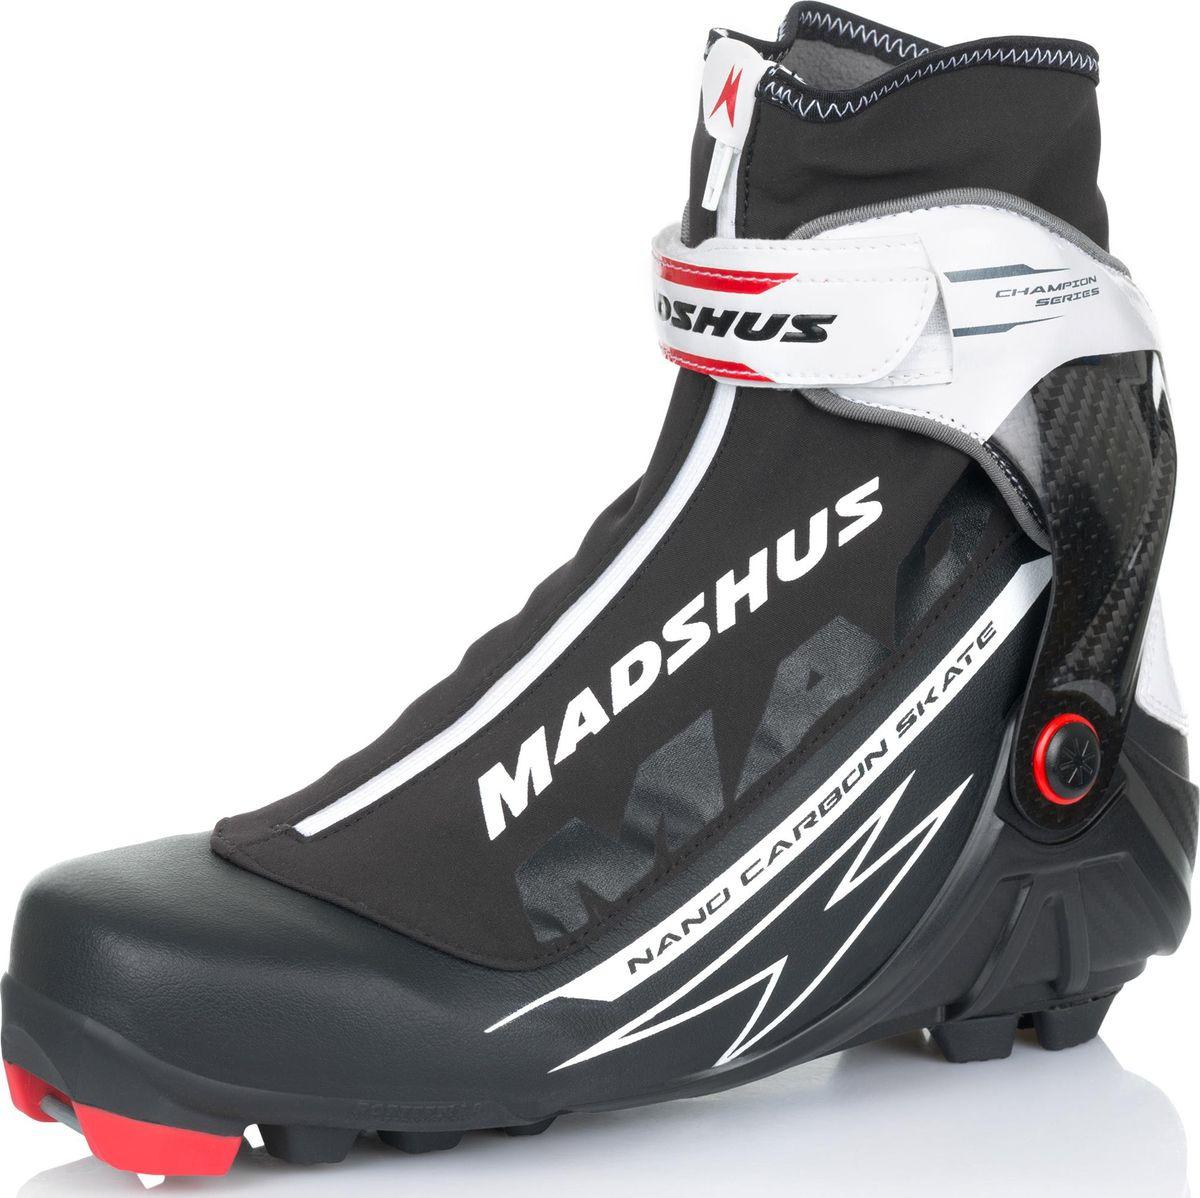 Ботинки лыжные мужские Madshus NANO CARBON SKATE, цвет: белый, черный. N174001. Размер 45 детские лыжные ботинки для конькового хода concept skate